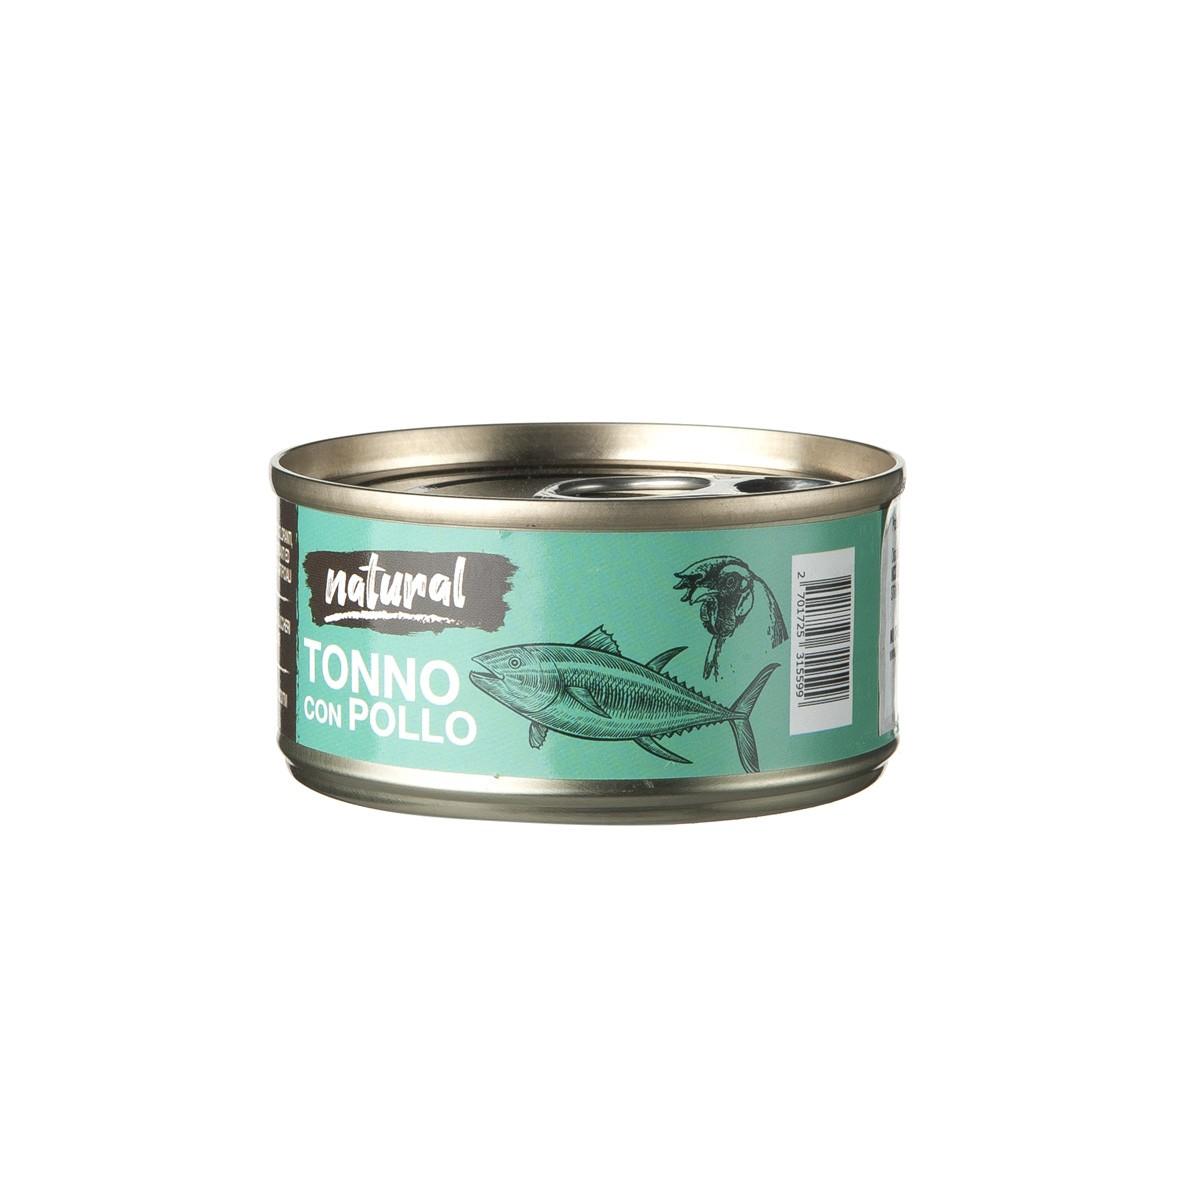 Nutrimi Natural Al Tonno Con Pollo